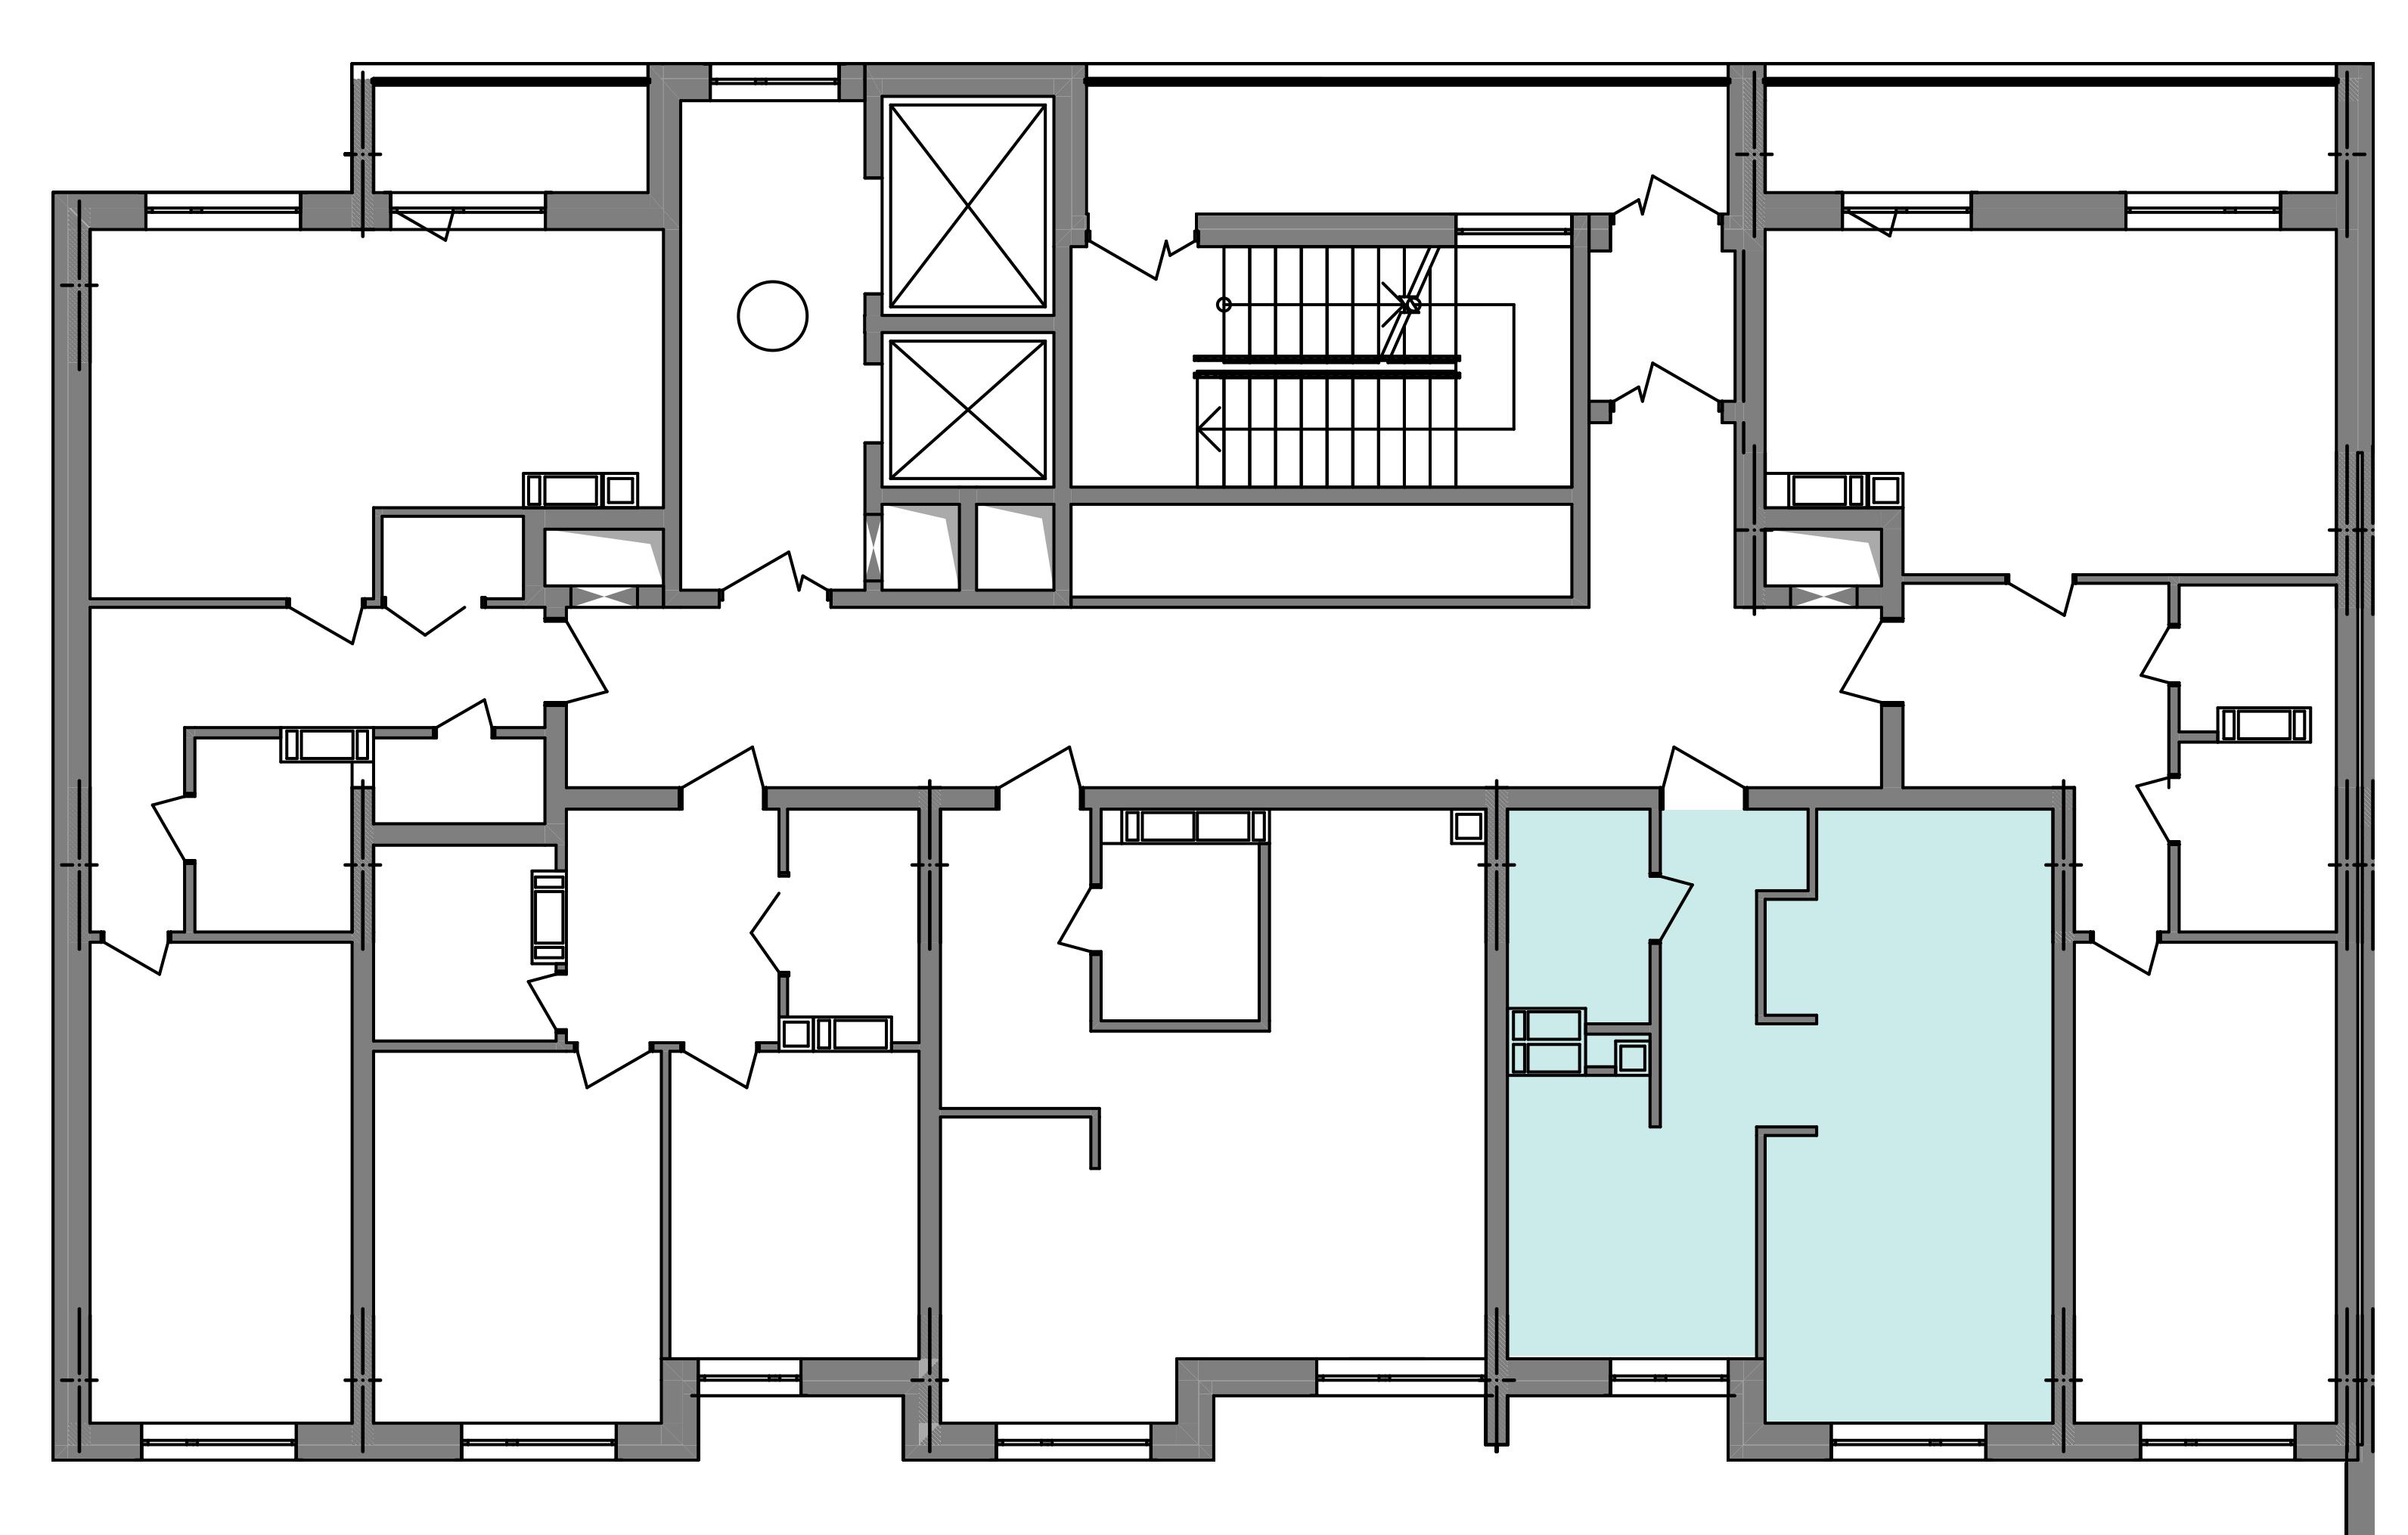 Однокімнатна квартира 39,77 кв.м., тип 1.1, будинок 3 секція 4 розташування на поверсі